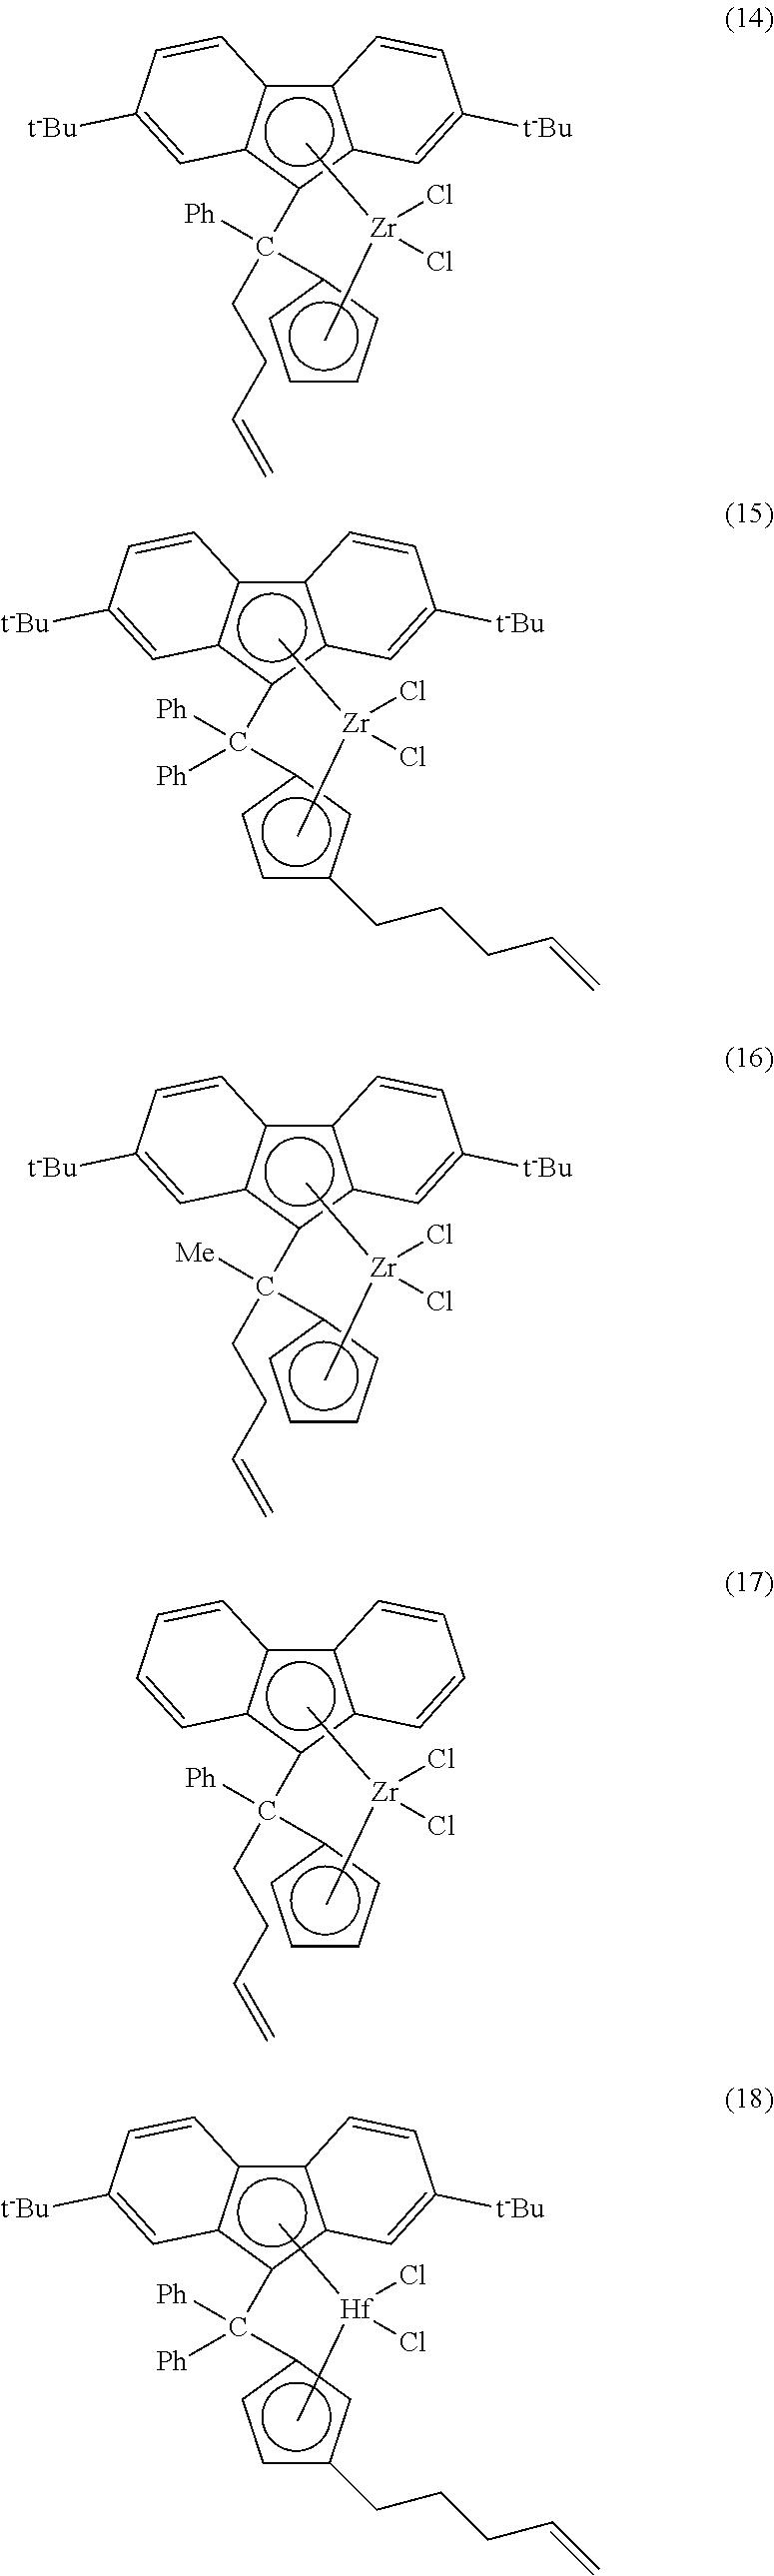 Figure US09493589-20161115-C00006